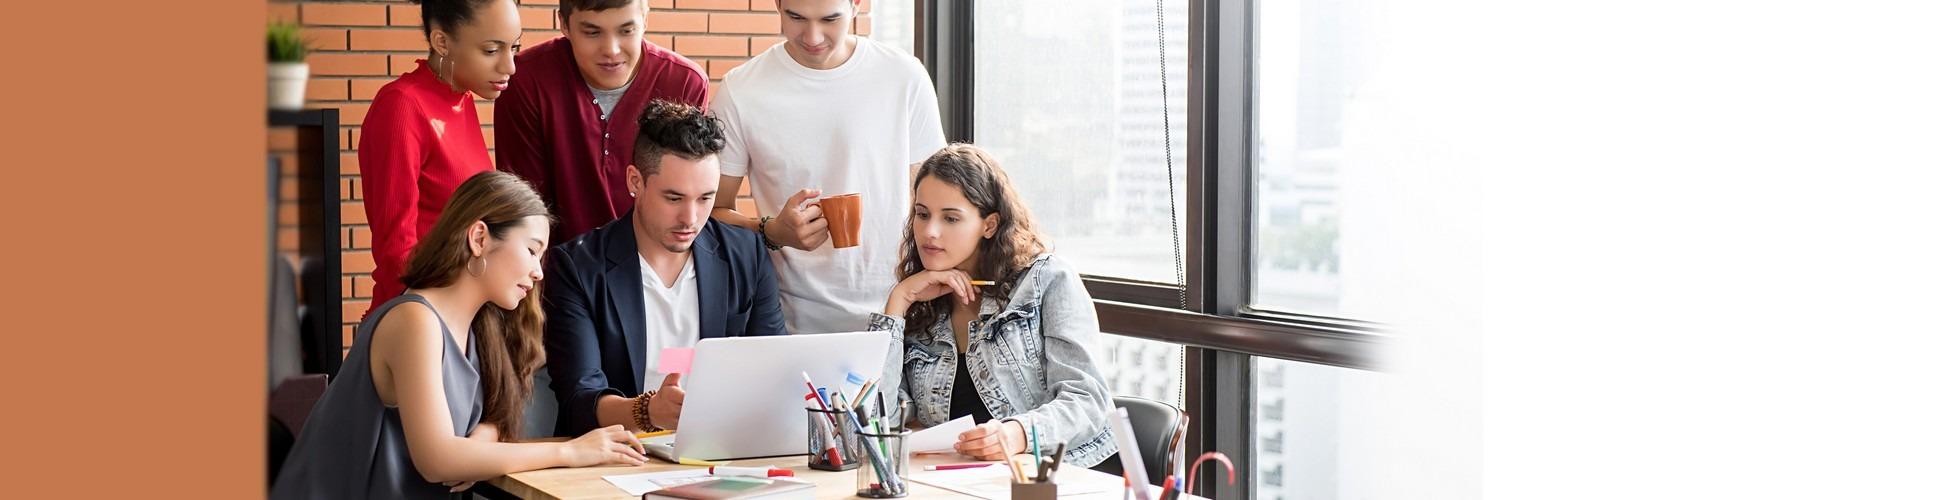 slider jeunes etudiants colocation qui etudient budget avec un logicel de budget en ligne sur ordinateur